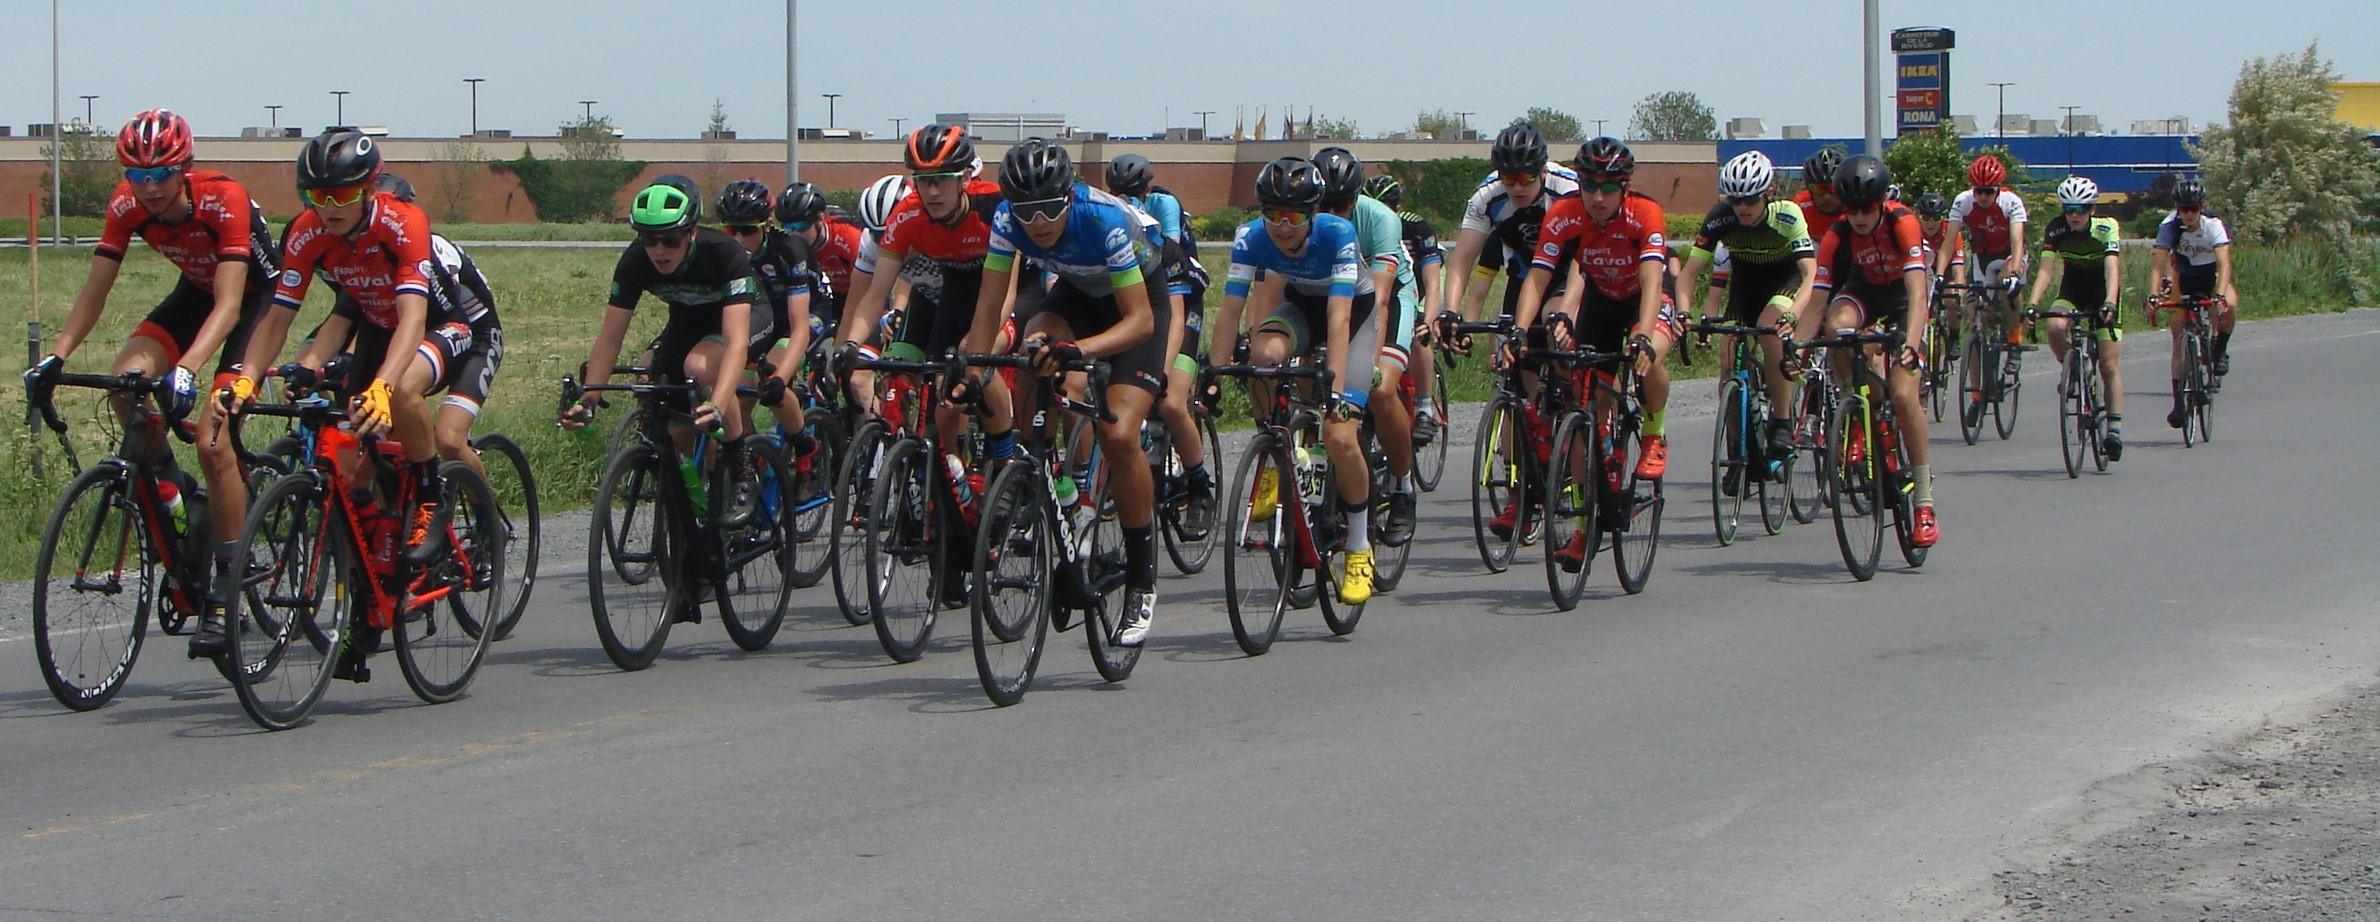 300 cyclistes à la Coupe du Québec, à Boucherville